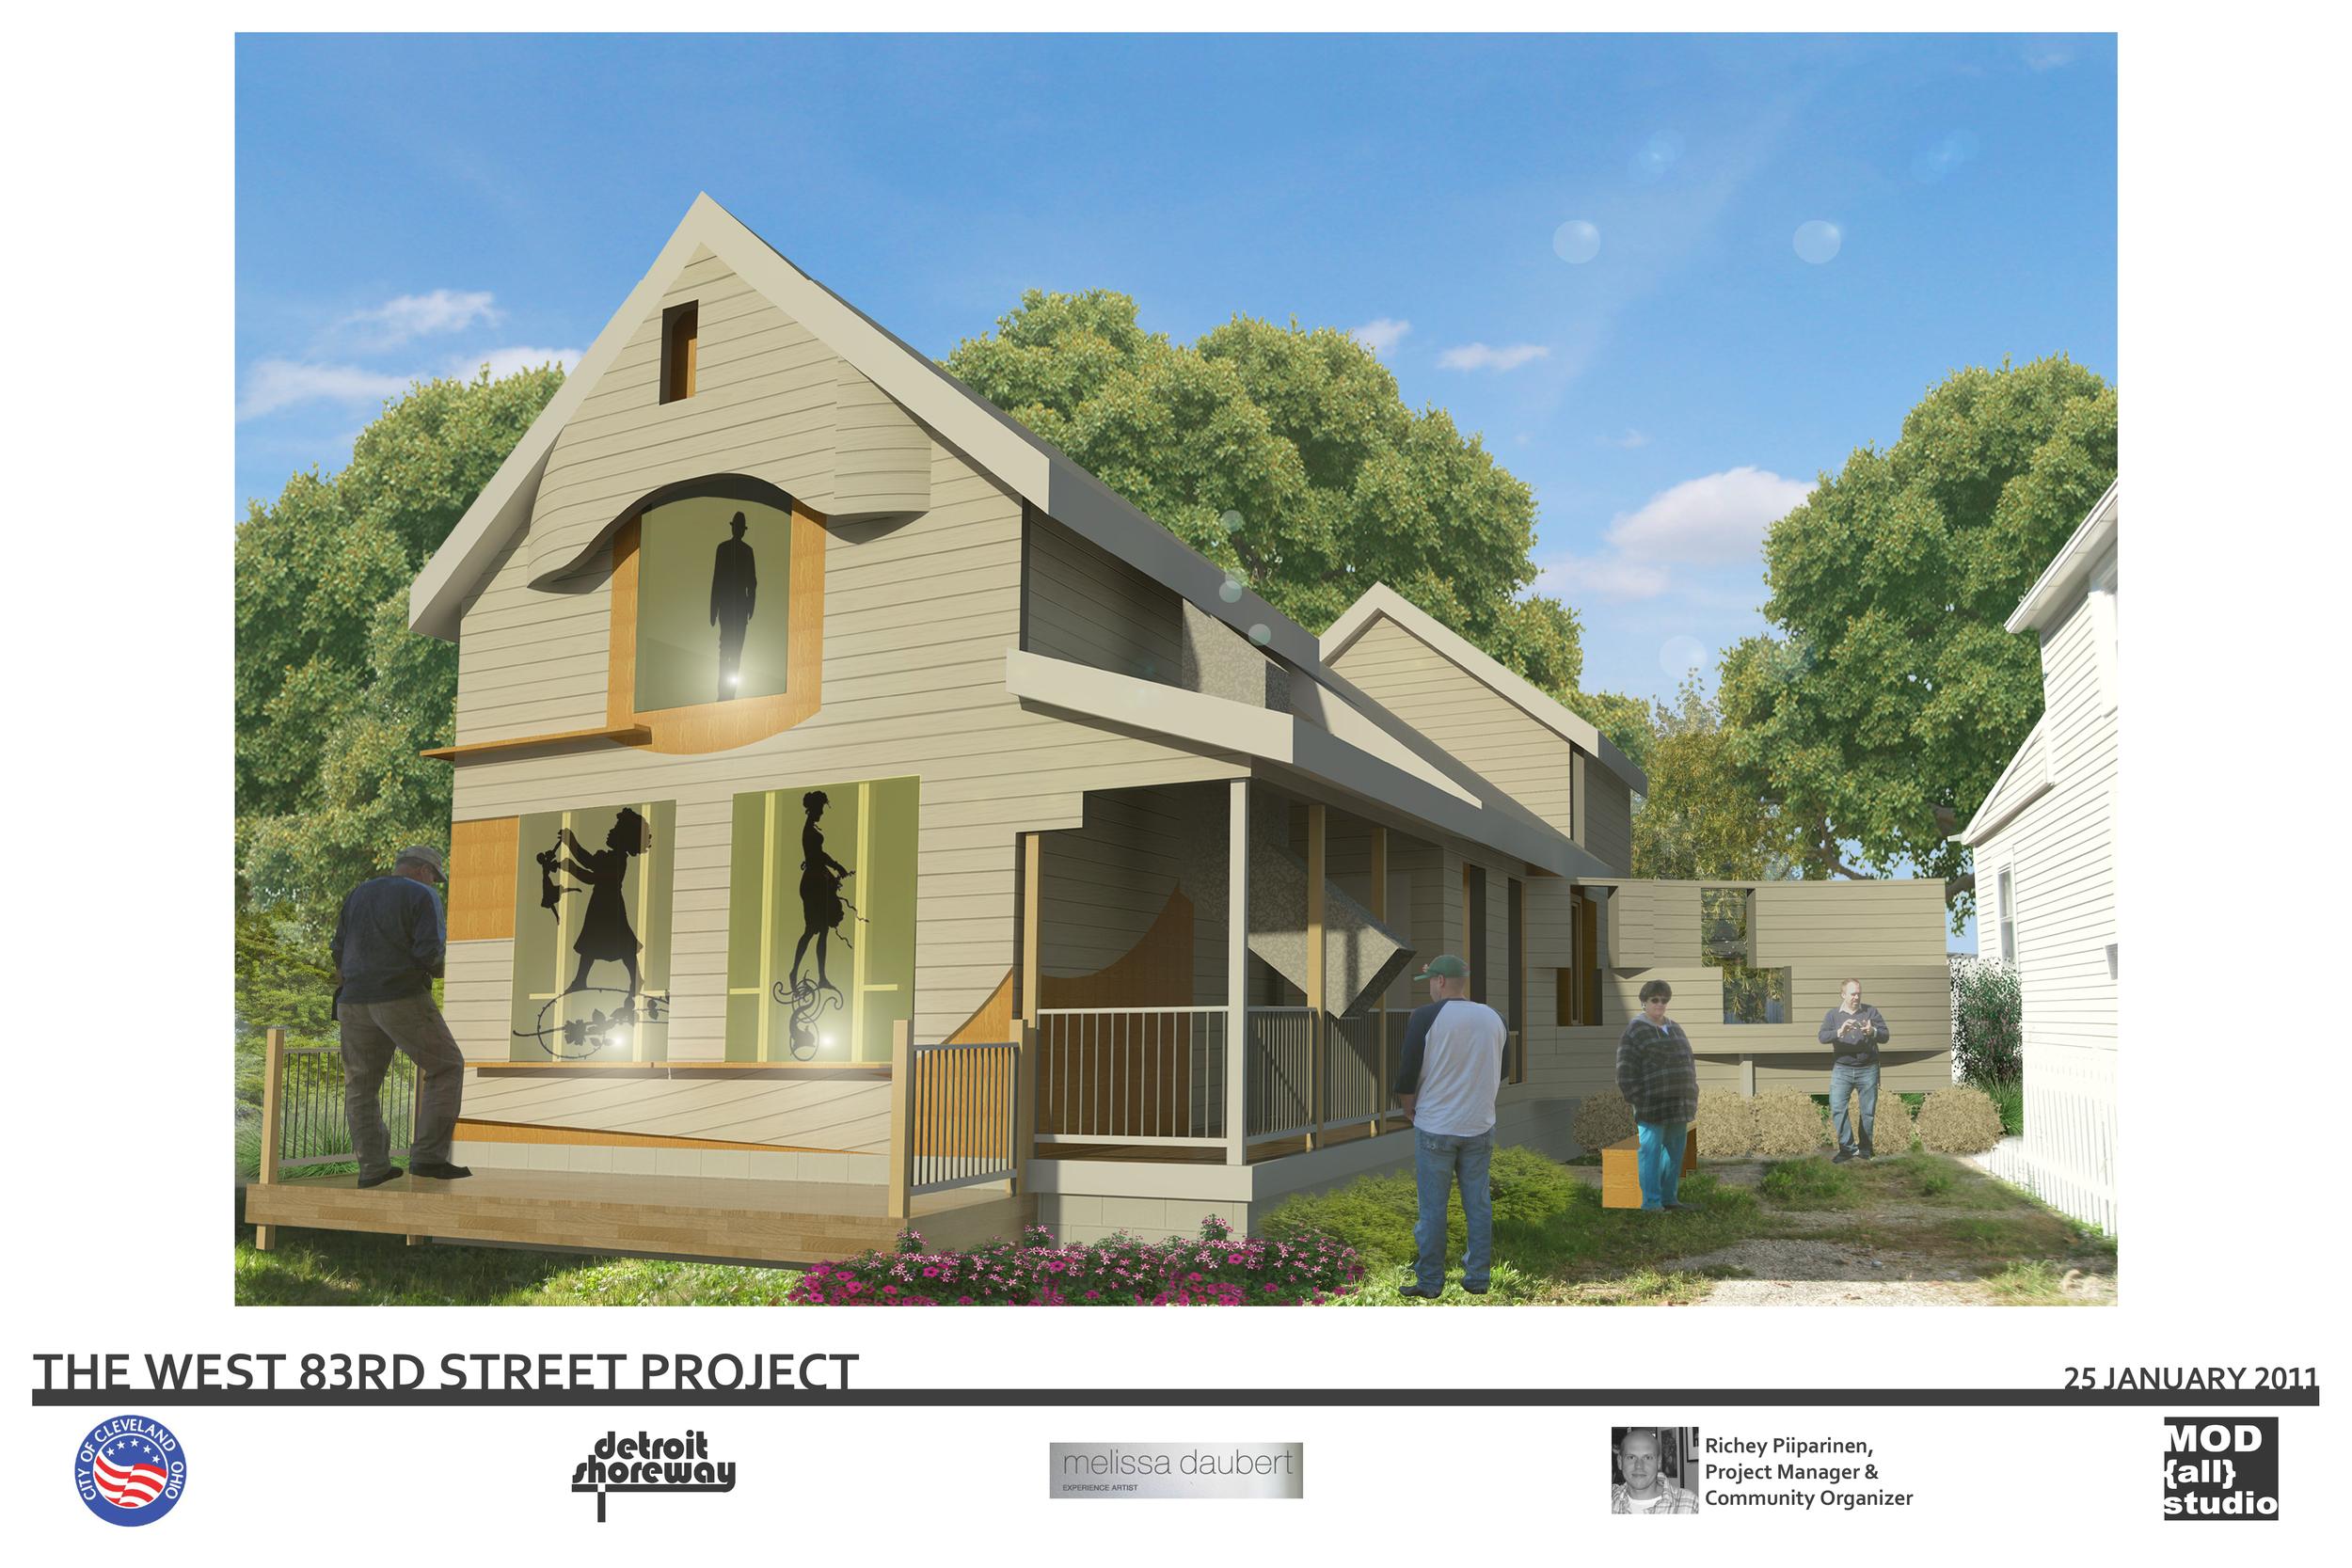 TheWest83rdStreetProject-20110125-Board2.jpg